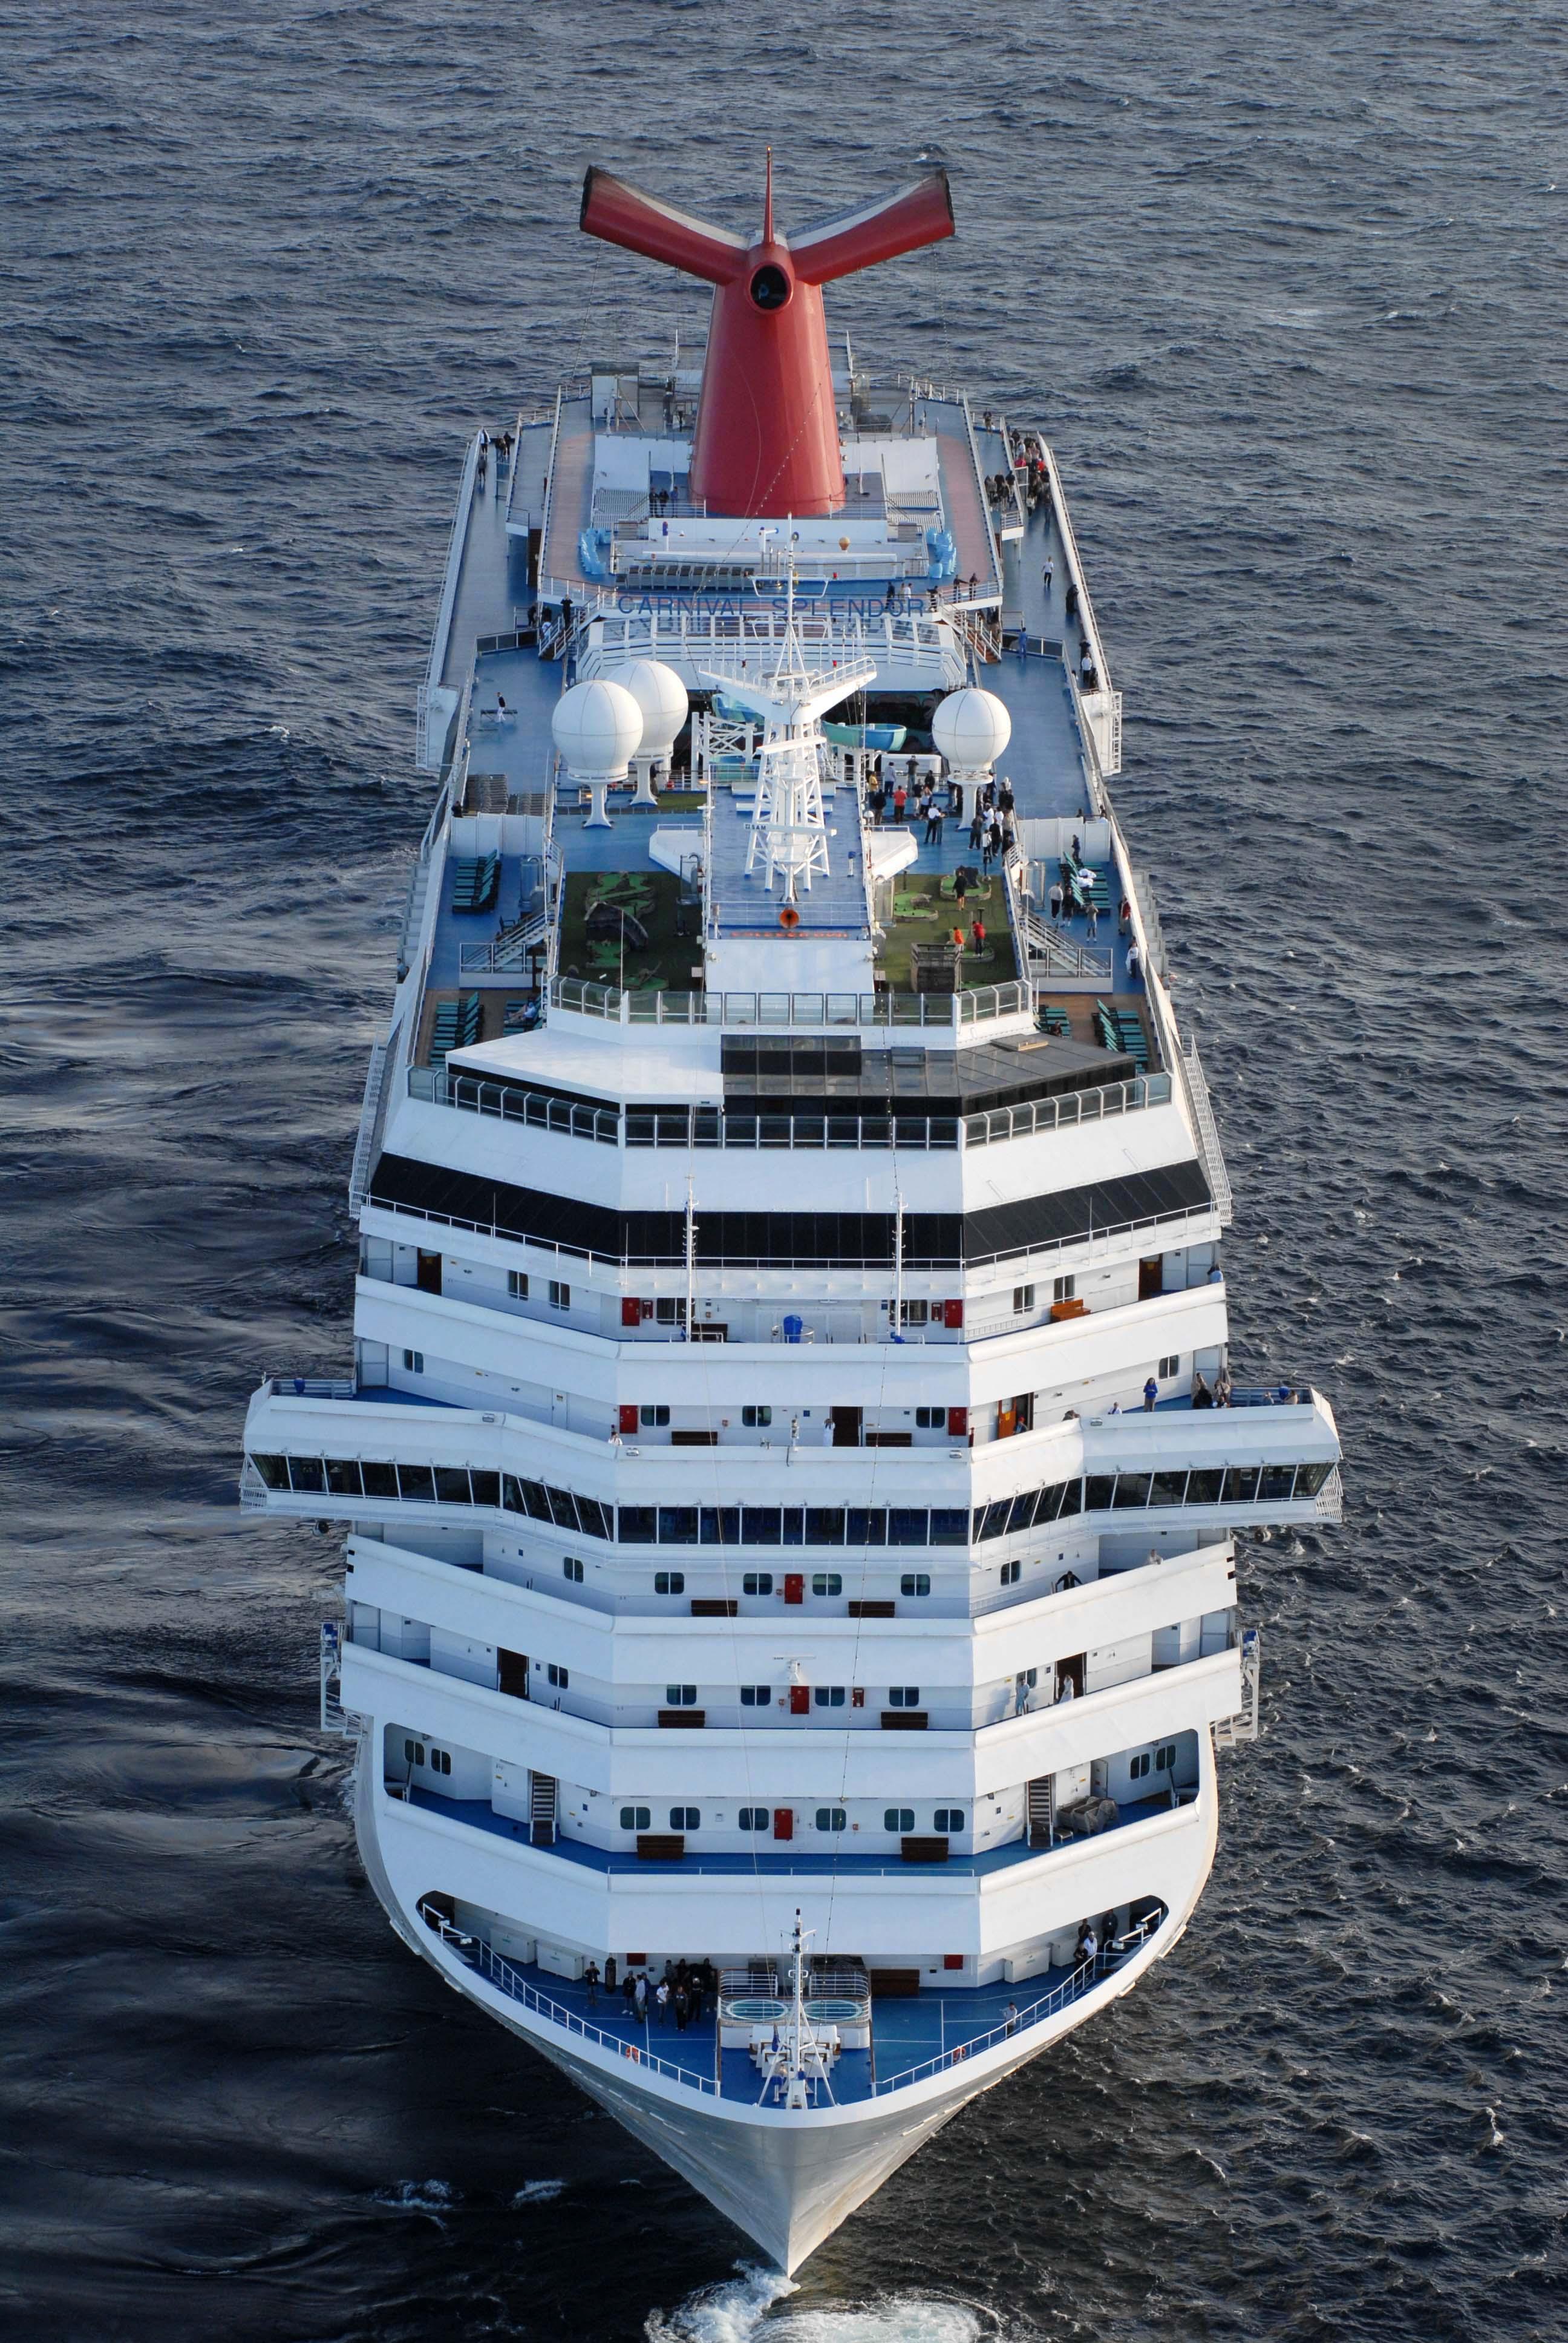 FileUS Navy NM The Carnival Cruise Ship CV - Pictures of carnival splendor cruise ship